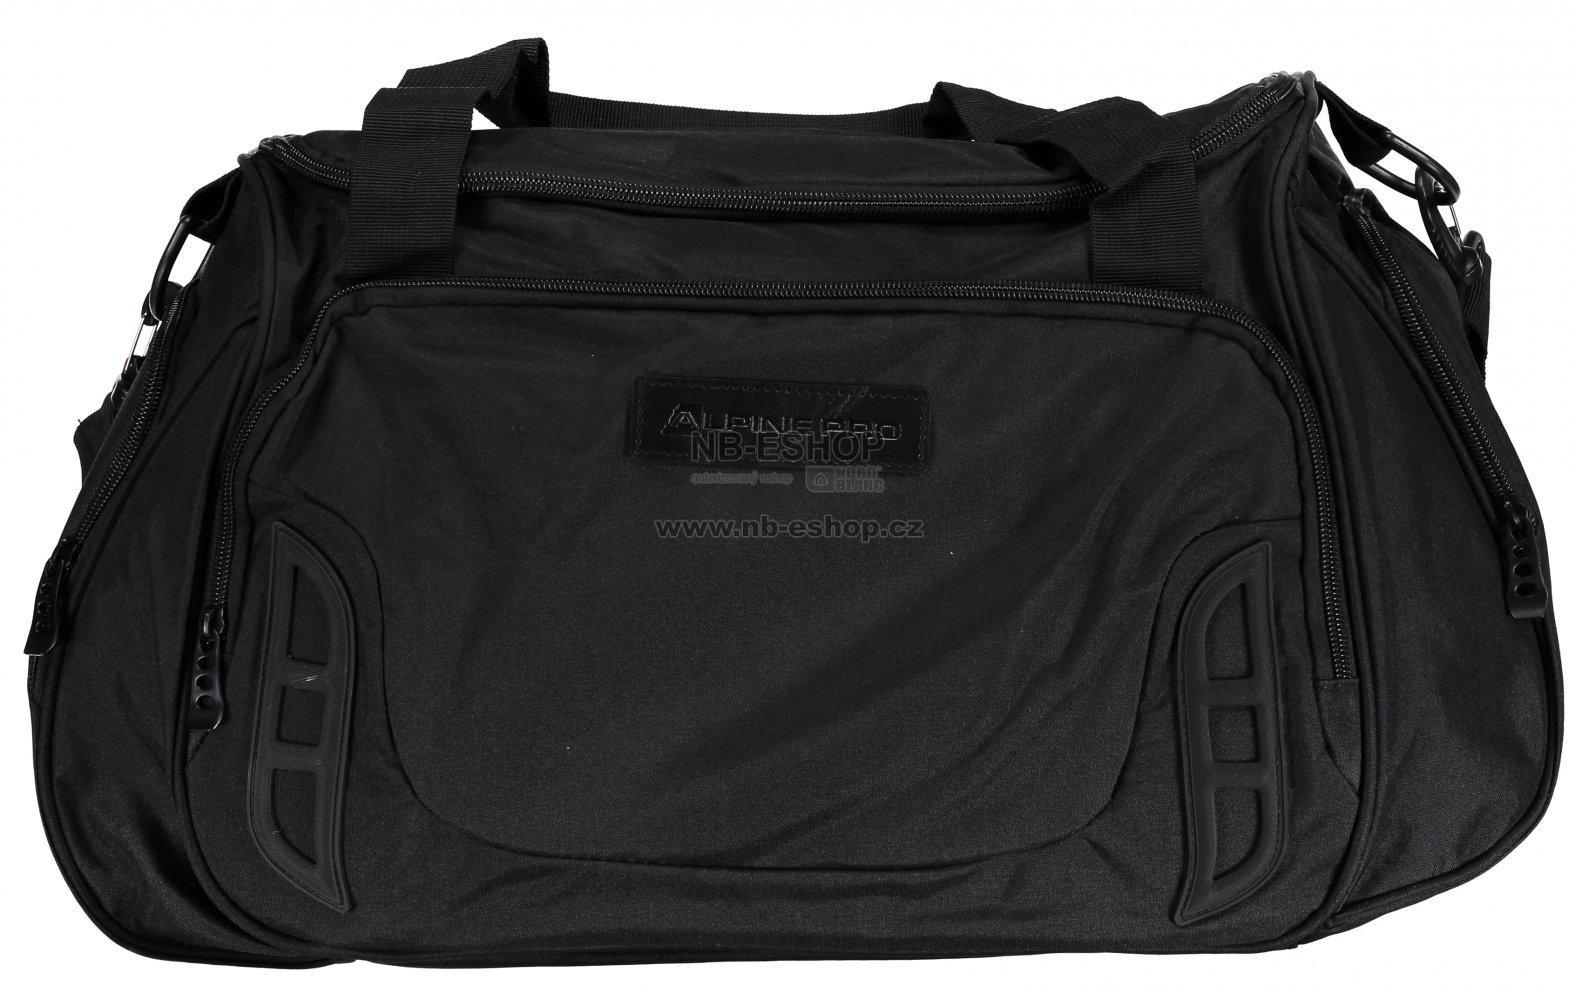 Sportovní taška ALPINE PRO RILLIE UBGK034 ČERNÁ velikost  35 l   NB ... 25ed84397f